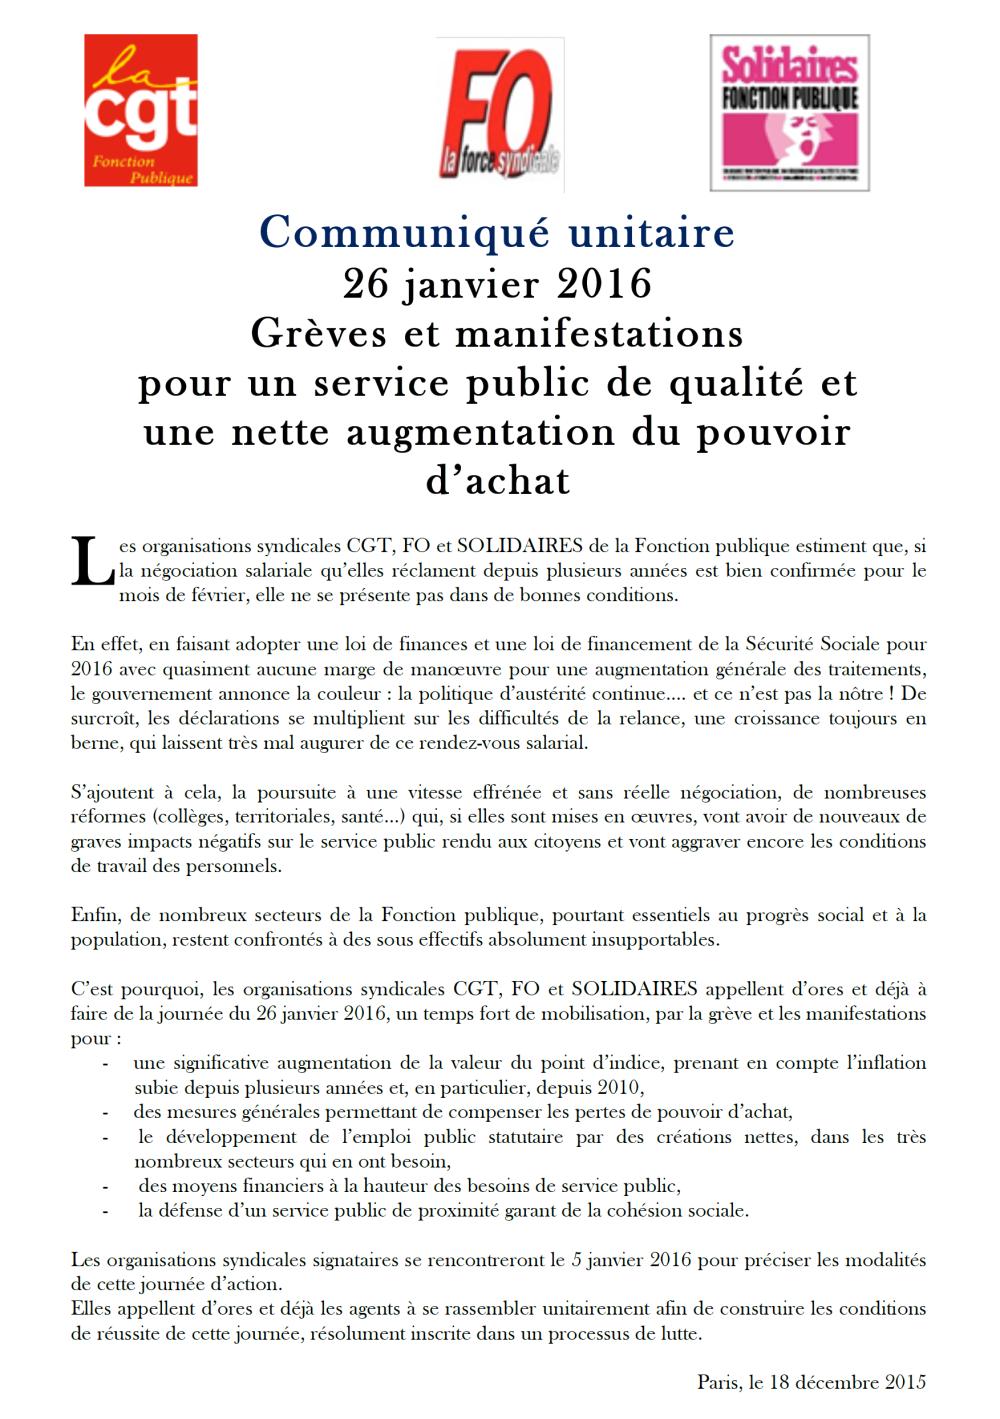 Communiqué national unitaire d'appel à la grève le 26 janvier